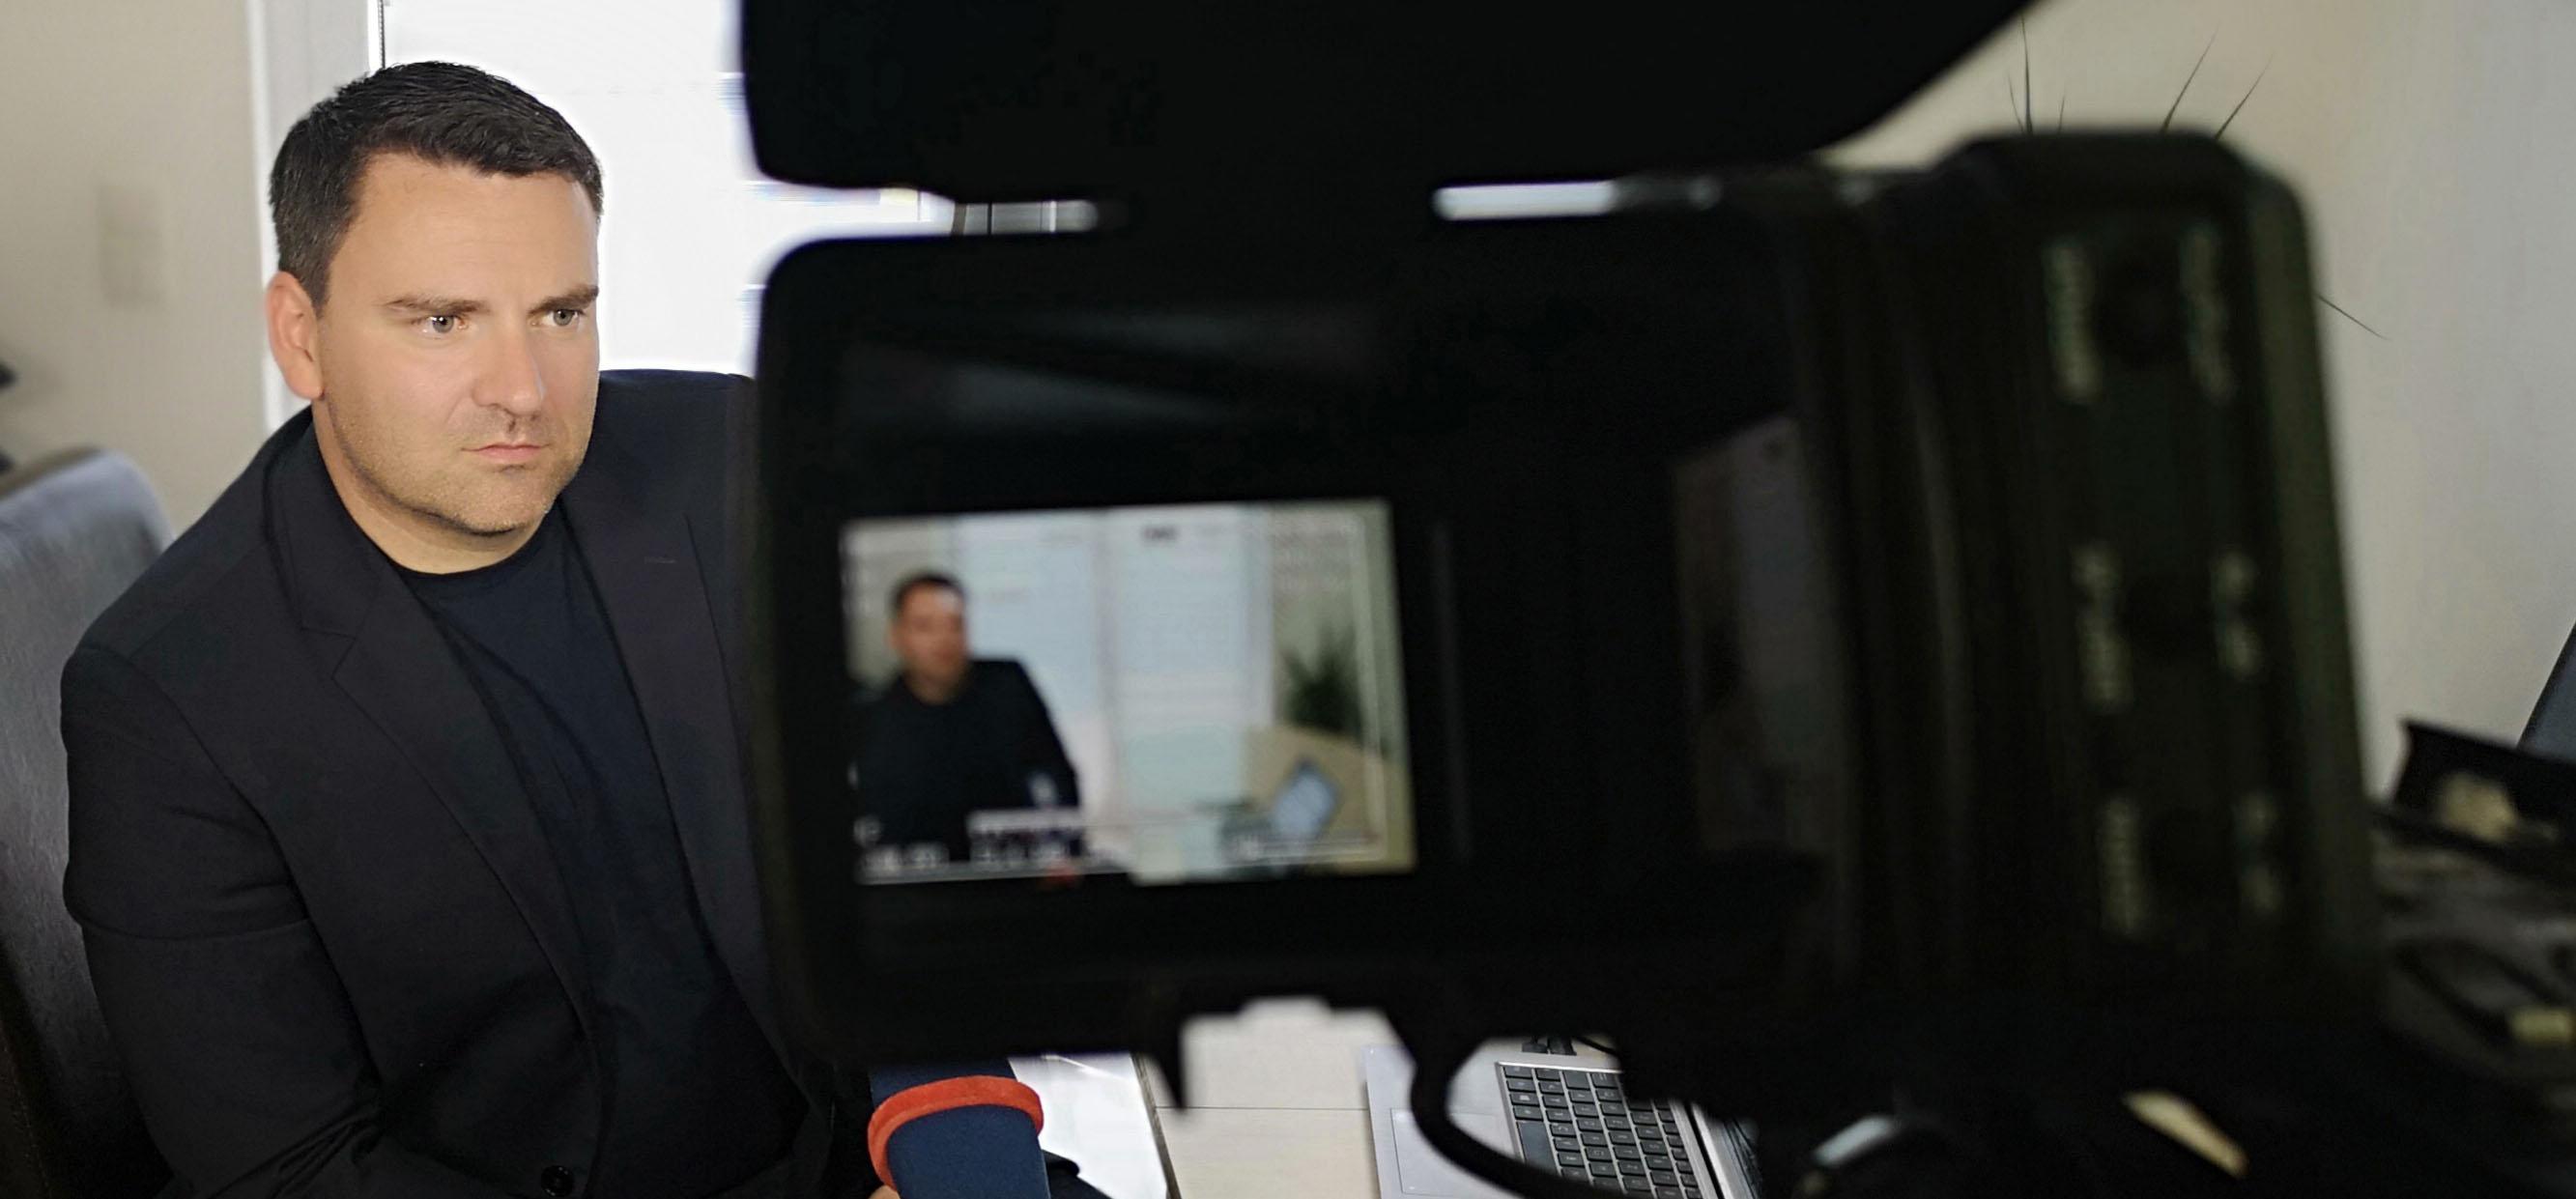 Cyberkriminologe Thomas-Gabriel Ruediger beim Interview vor der Kamera